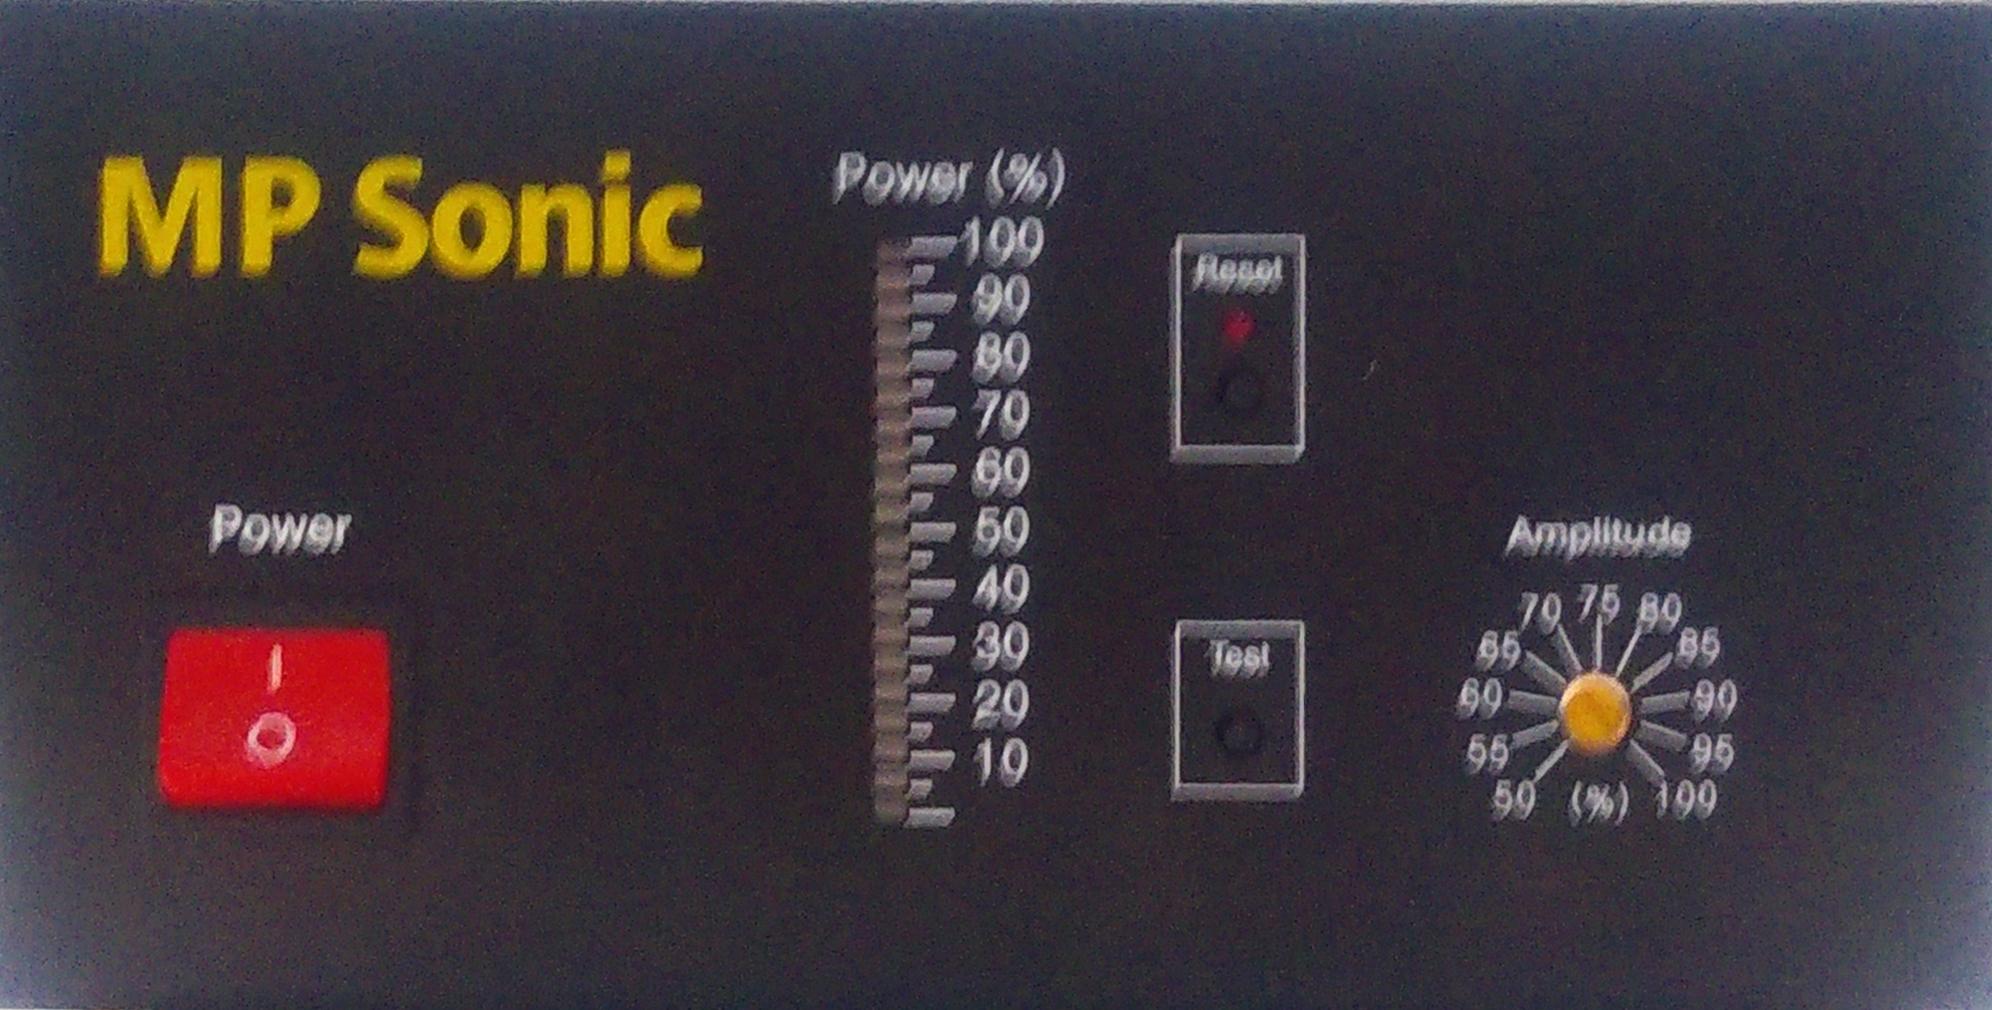 15K 5600W Trigger Force Ultrasonic Welder